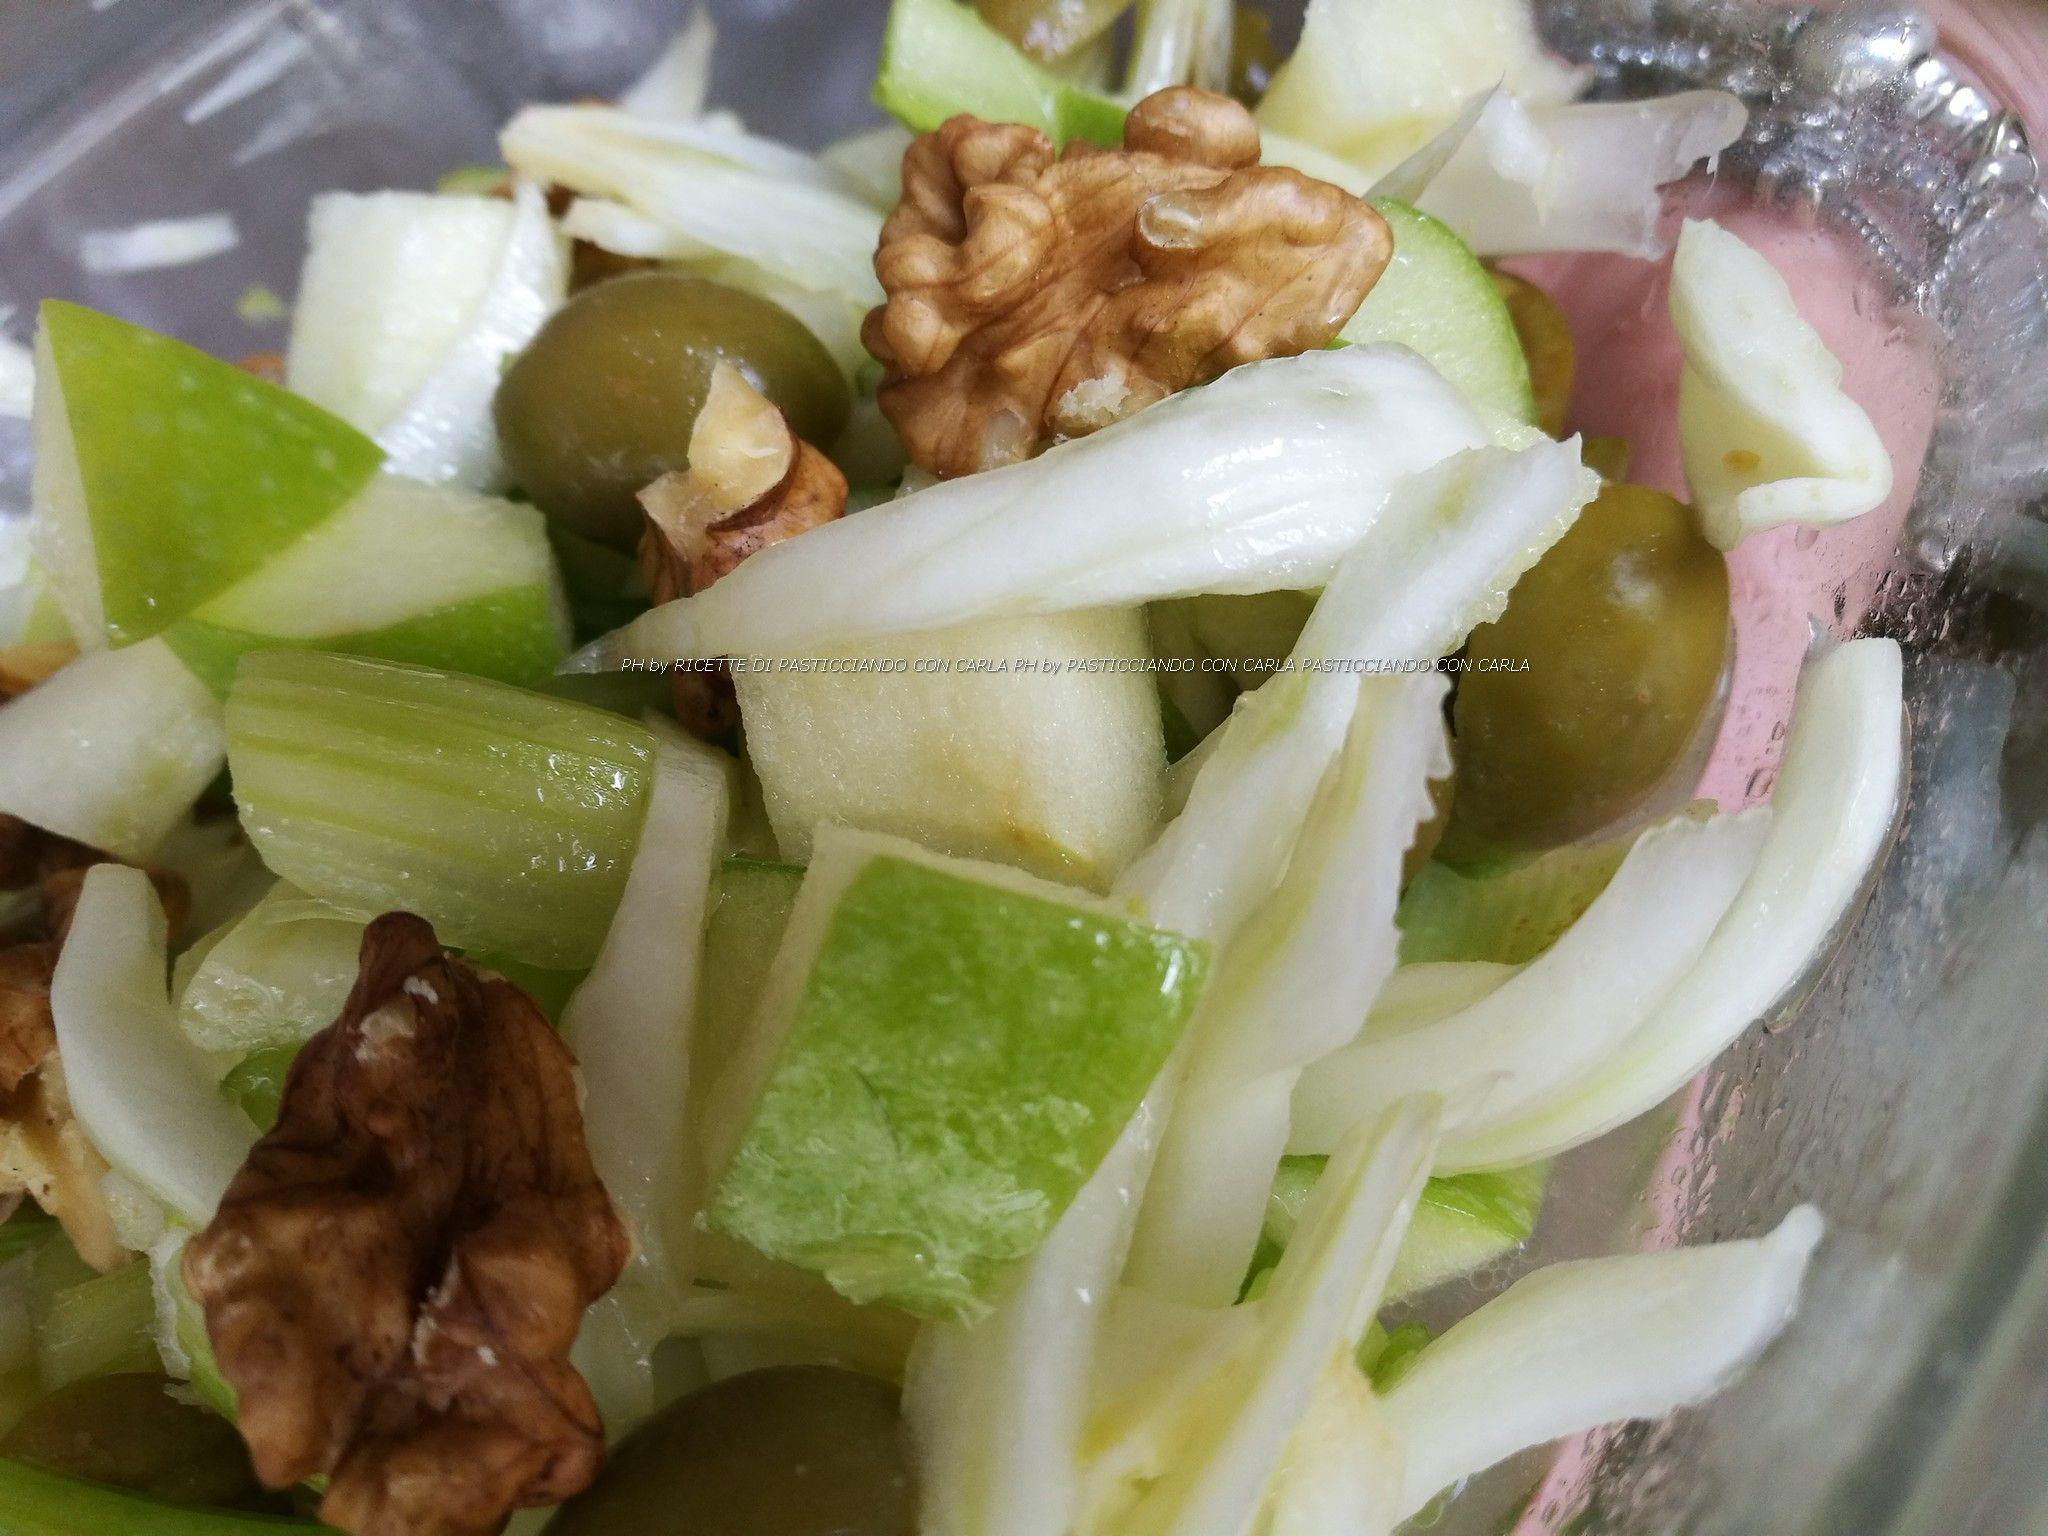 Insalata di sedano mela verde finocchi olive e